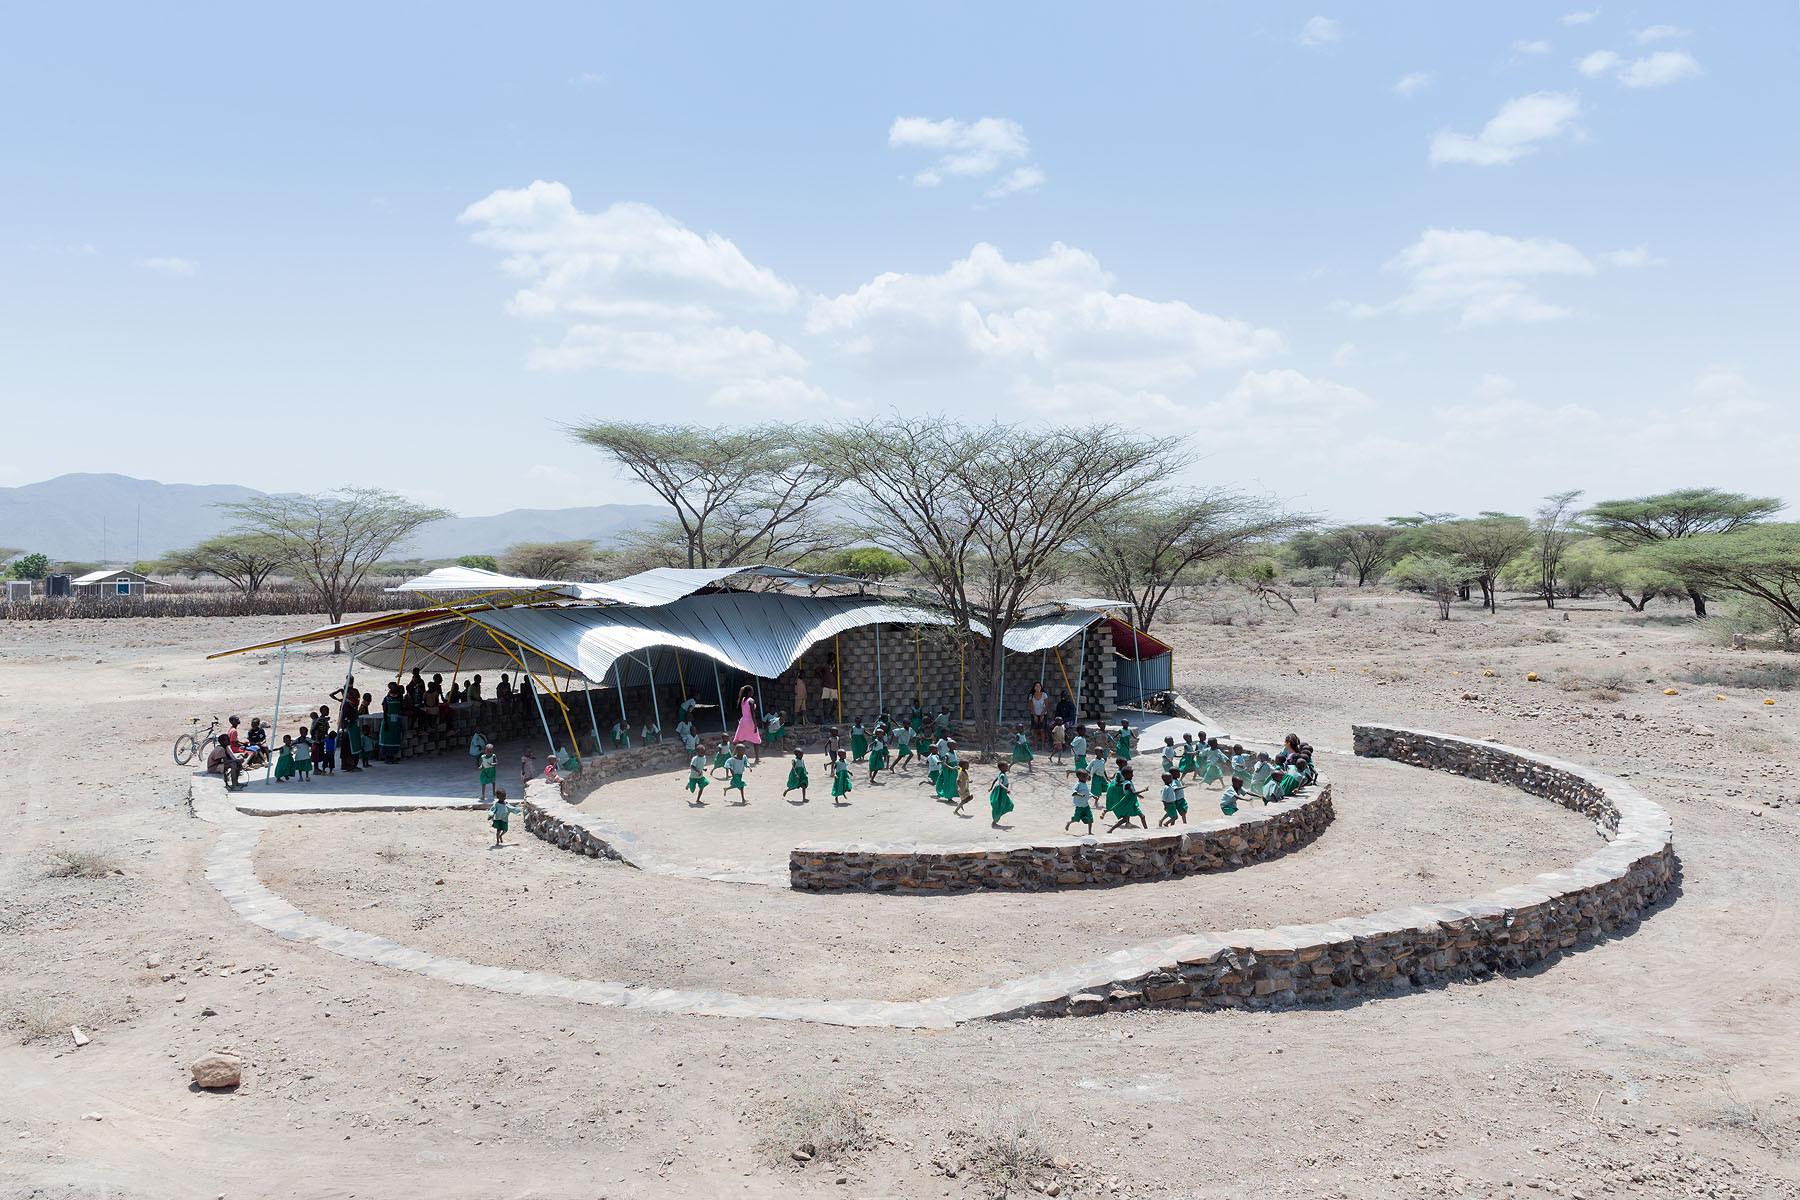 Clínica para la Educación y vacunación de Konokono, Selgas Cano y estudiantes de MIT Open Studio; Turkana, Kenia. Imagen © Iwan Baan